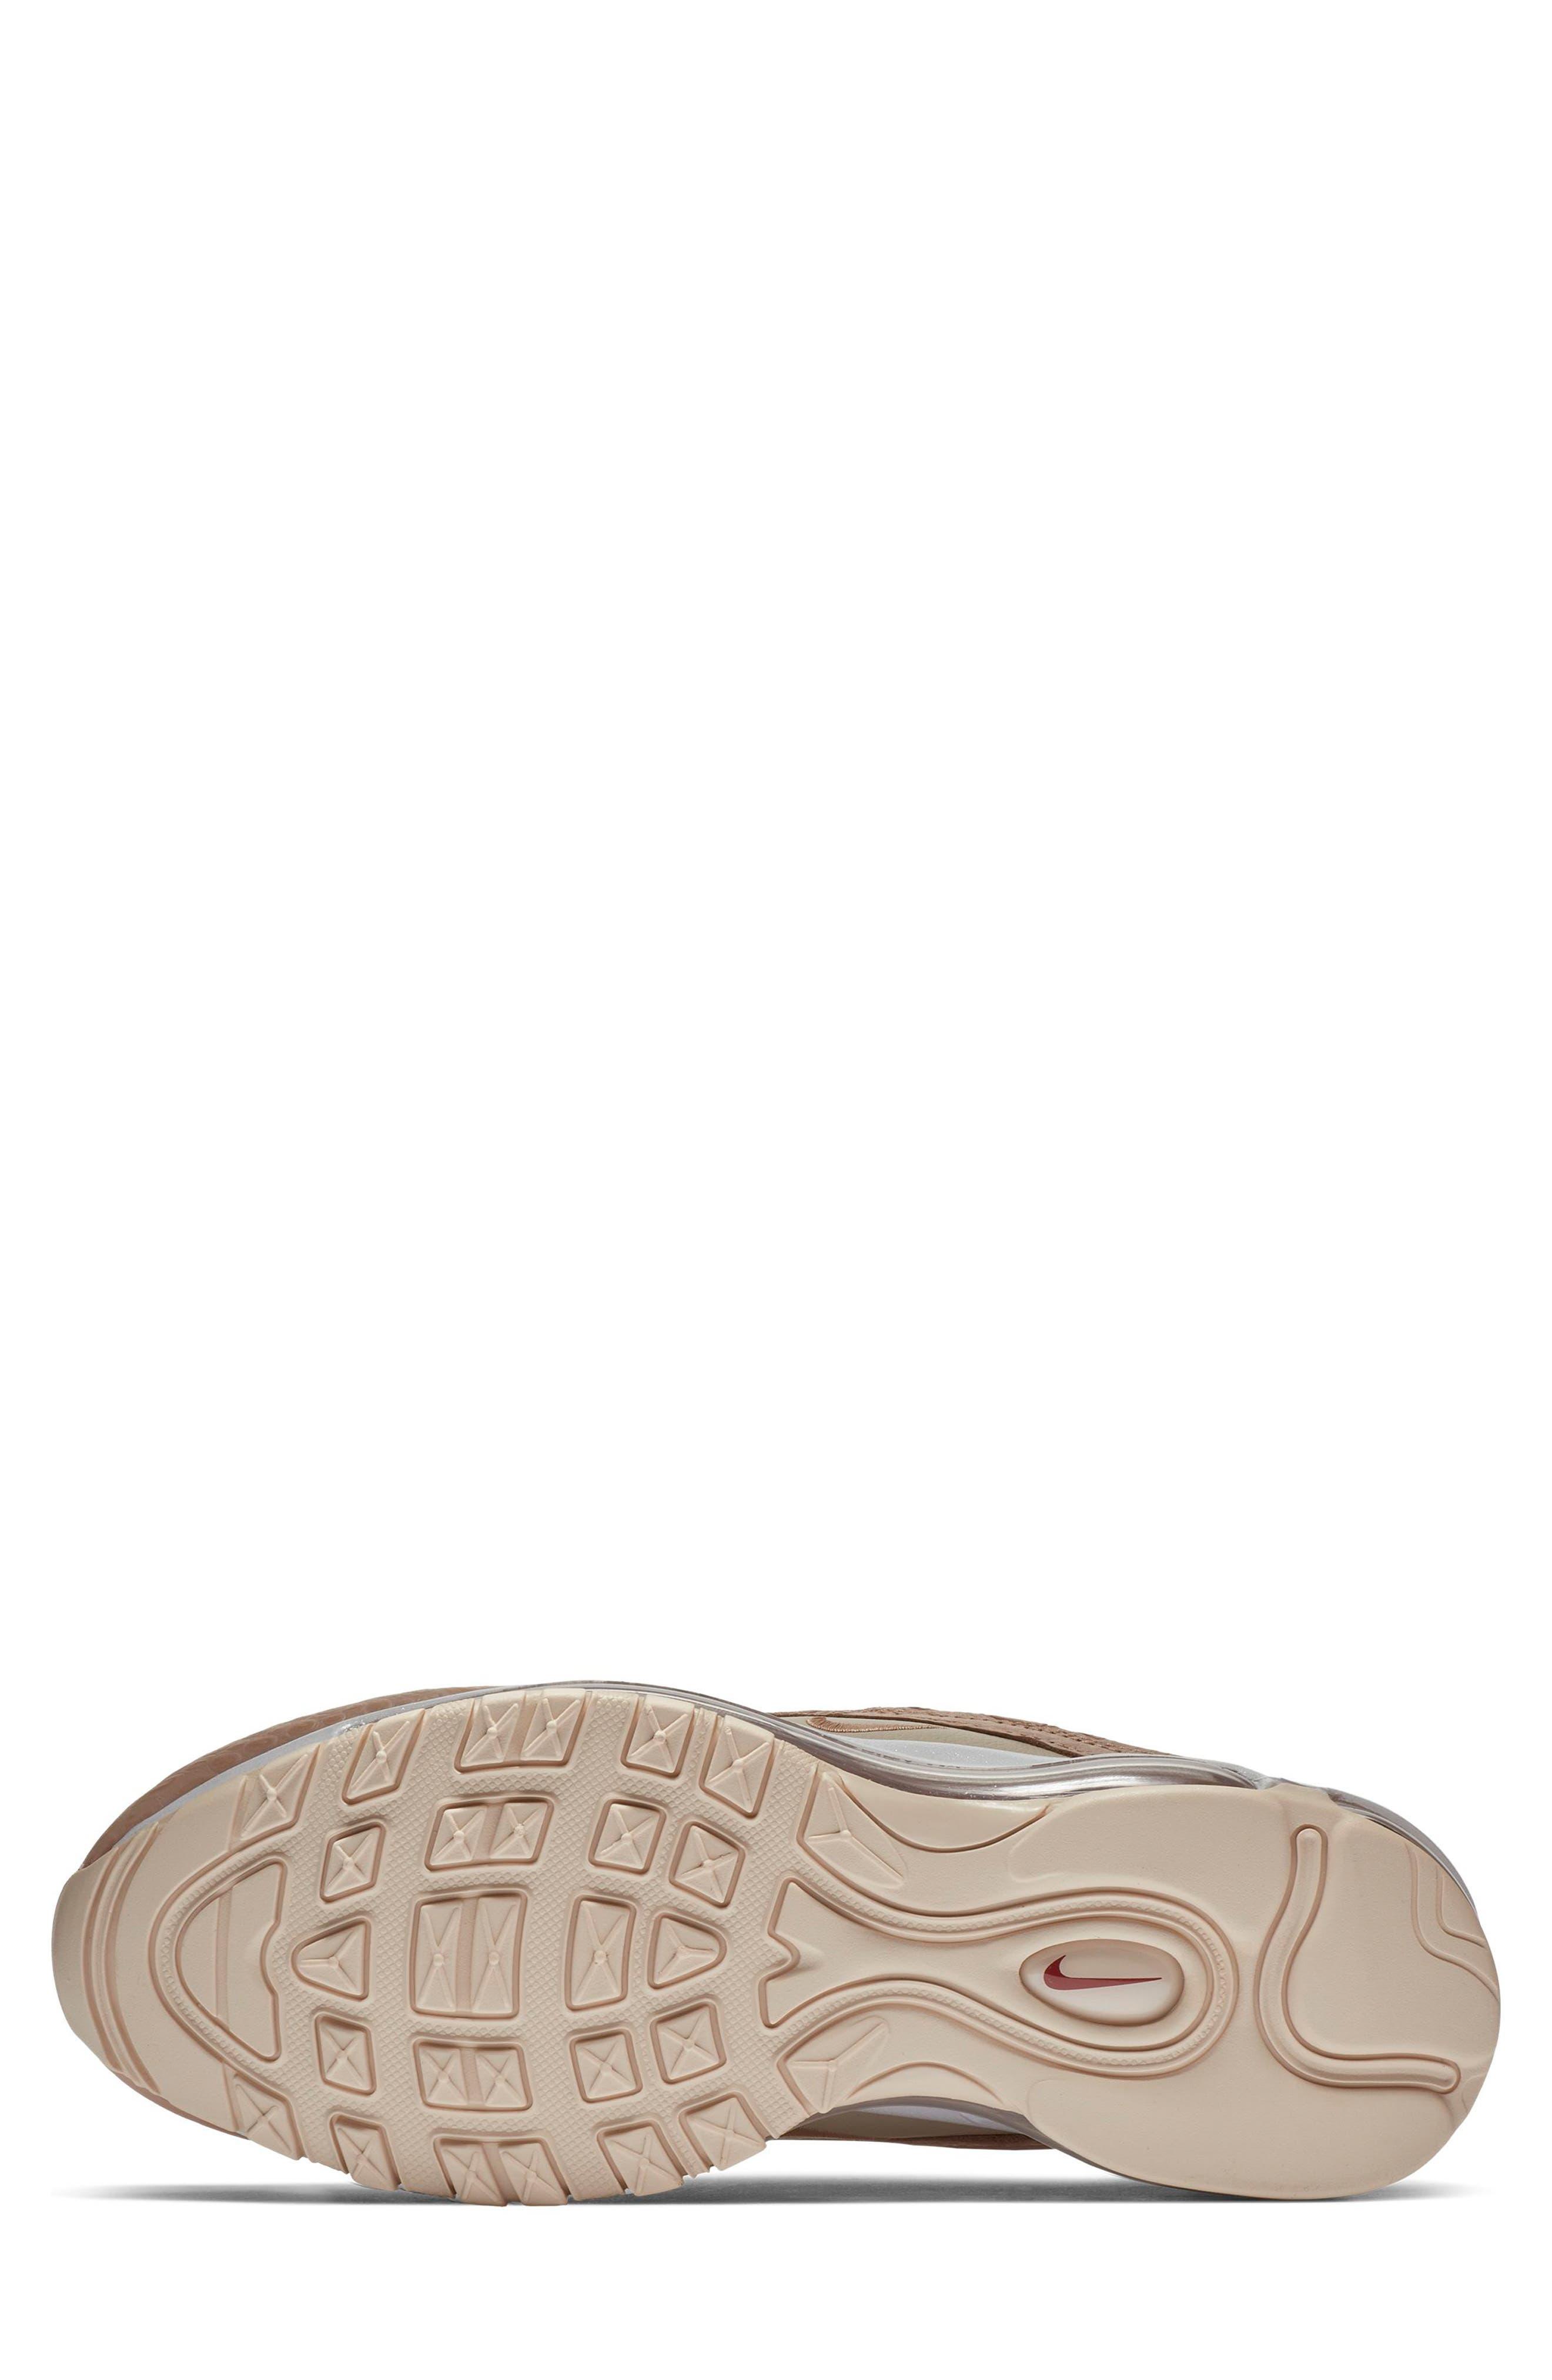 NIKE, Air Max 97 Lux Sneaker, Alternate thumbnail 5, color, BIO BEIGE/ CARBON/ PEACH